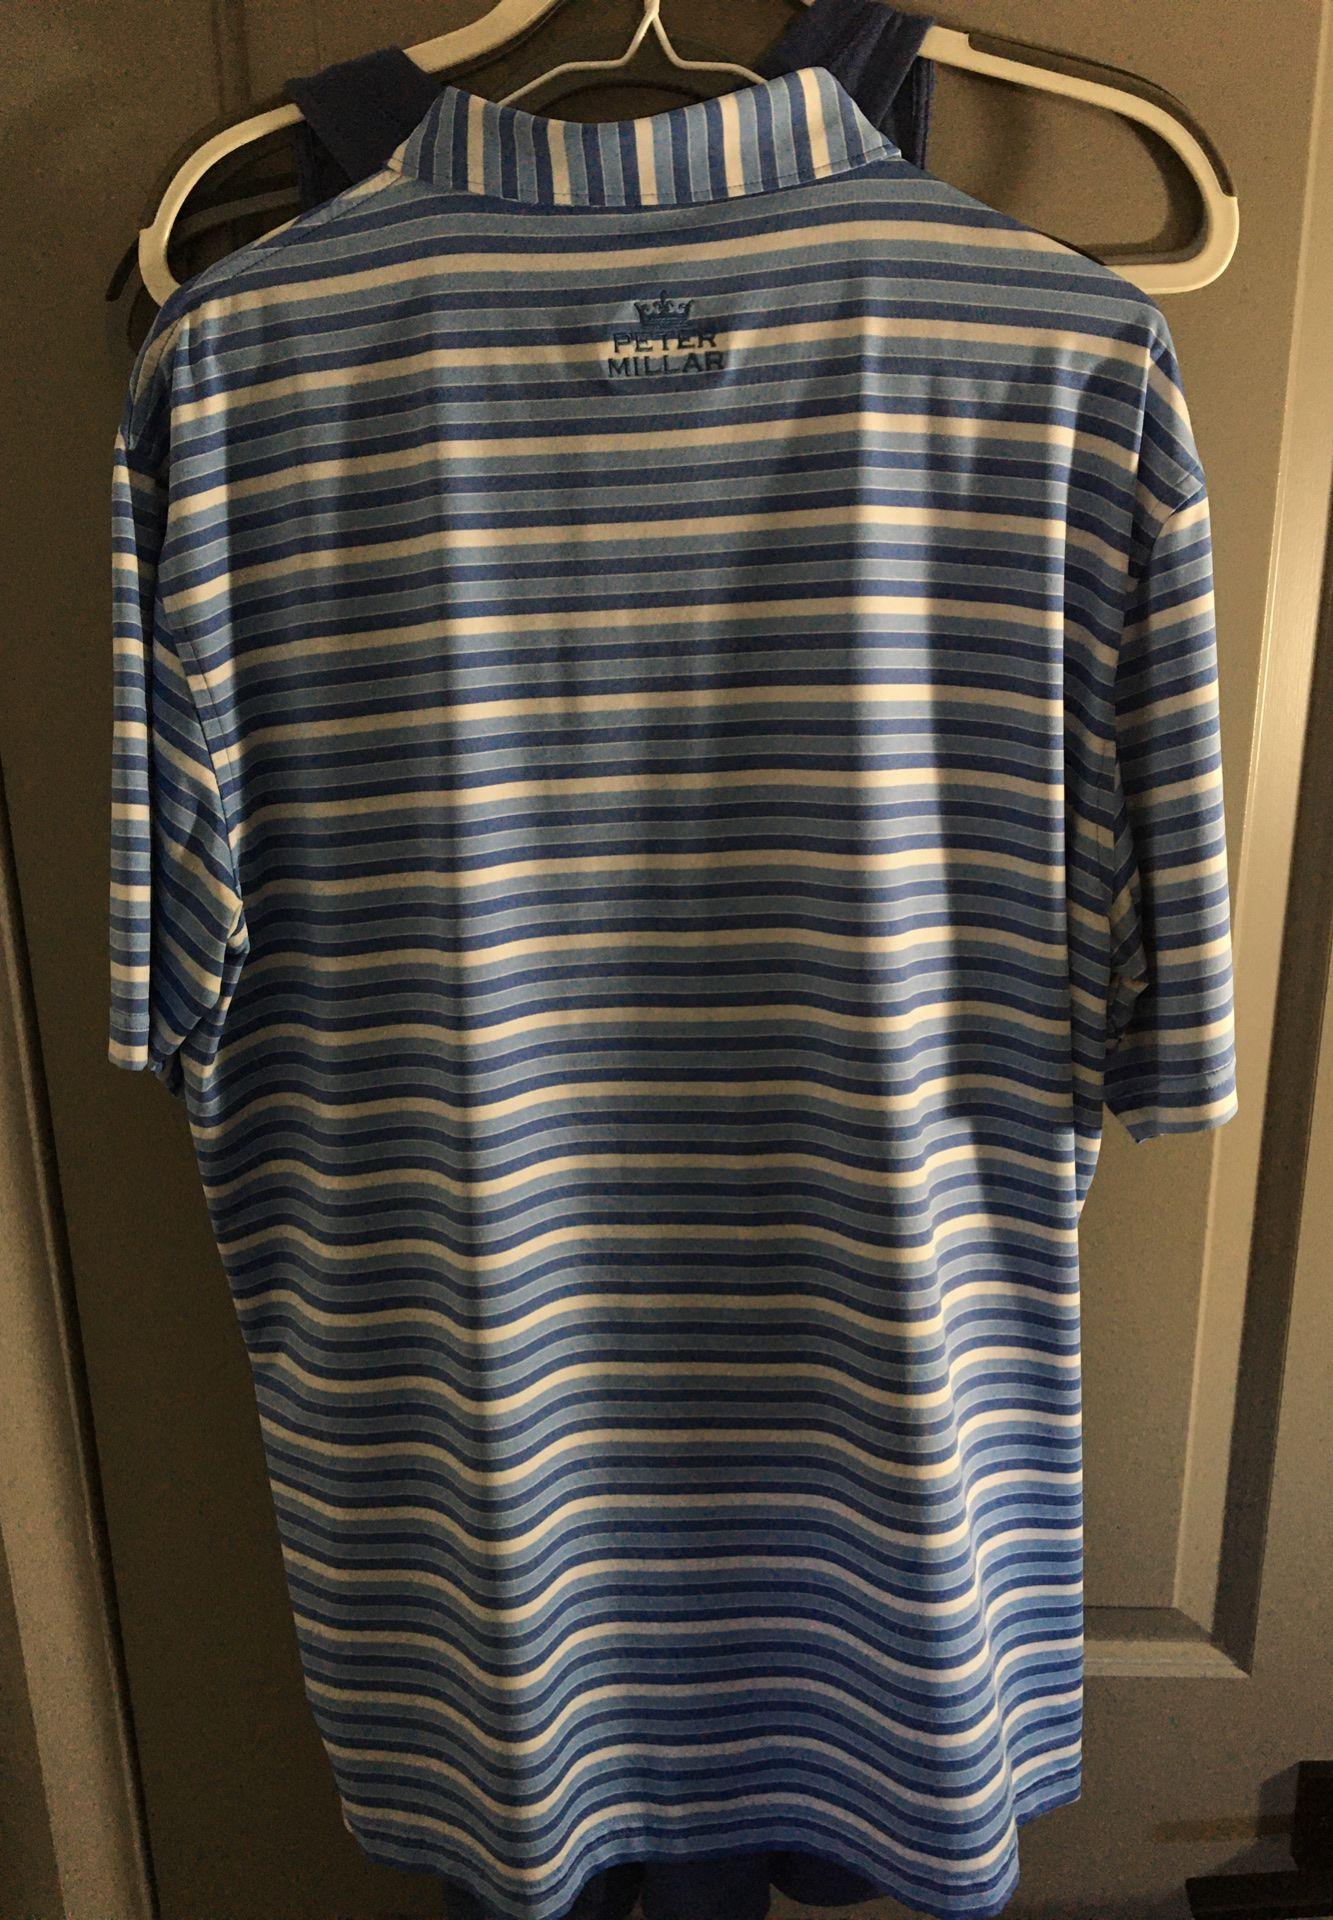 Peter Millar Golf shirt sz Large